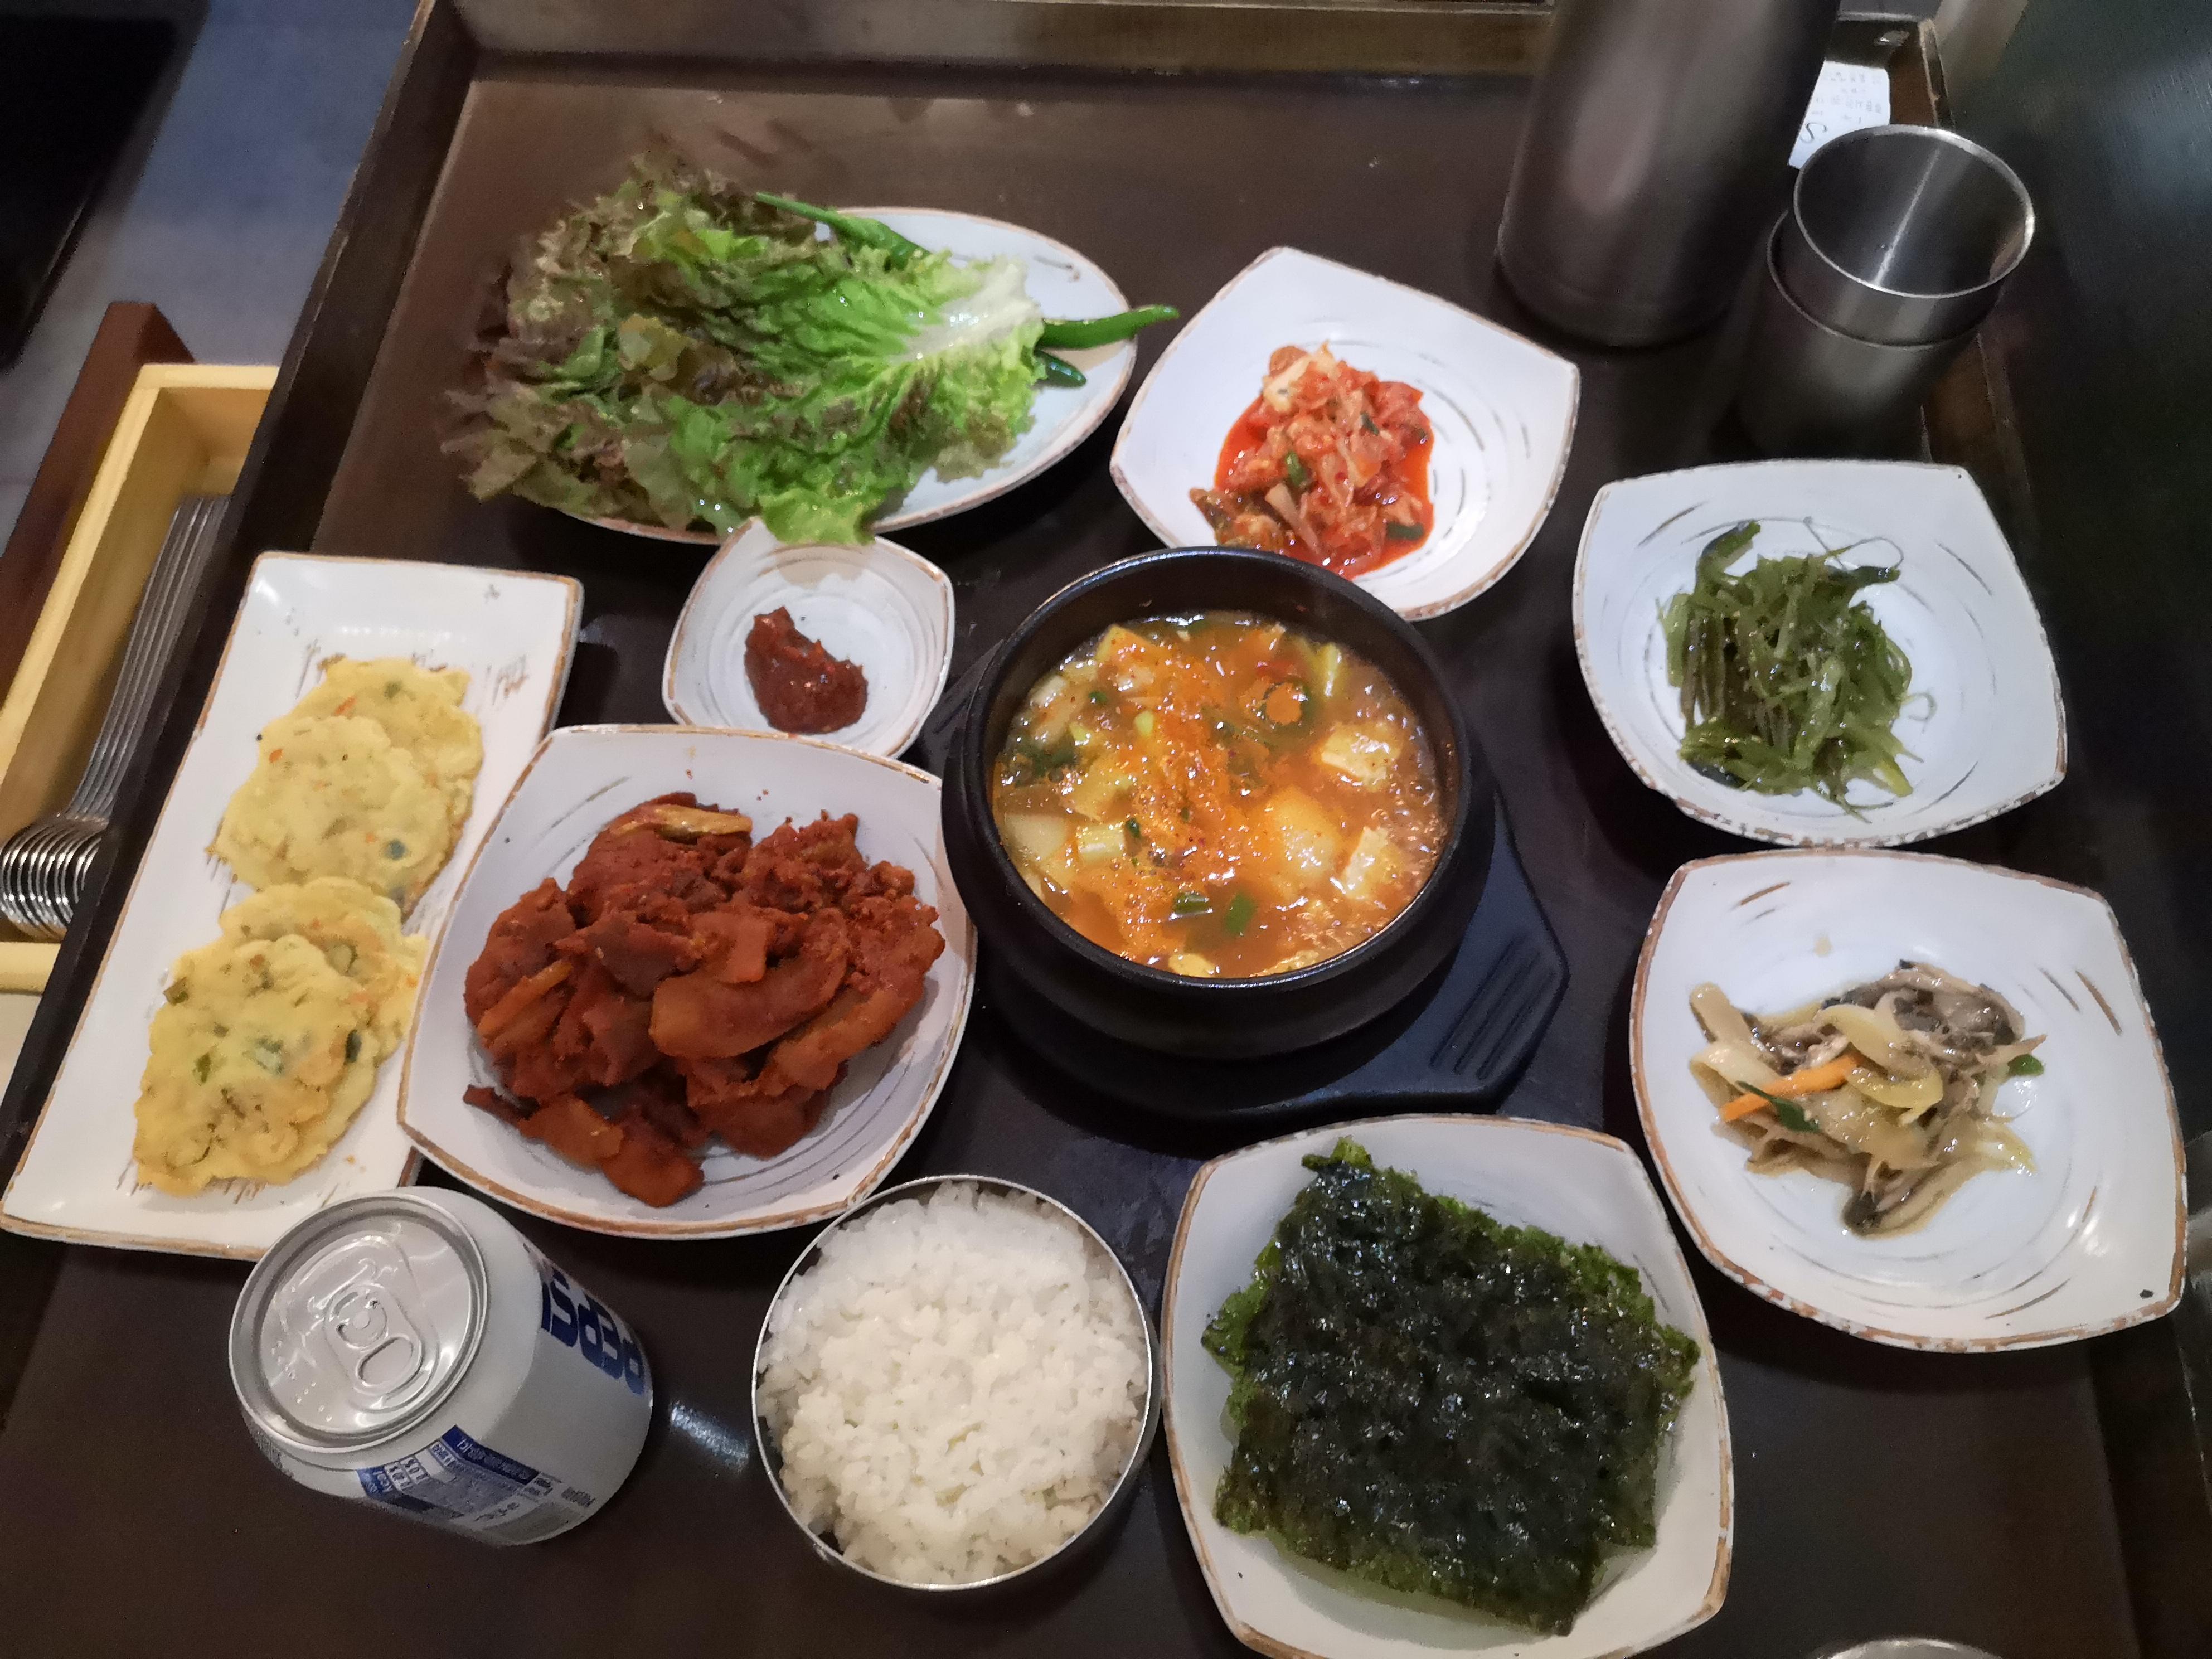 【韓國自由行】首爾一個人自由行,夢幻景點必吃美食住宿行程表 @小環妞 幸福足跡